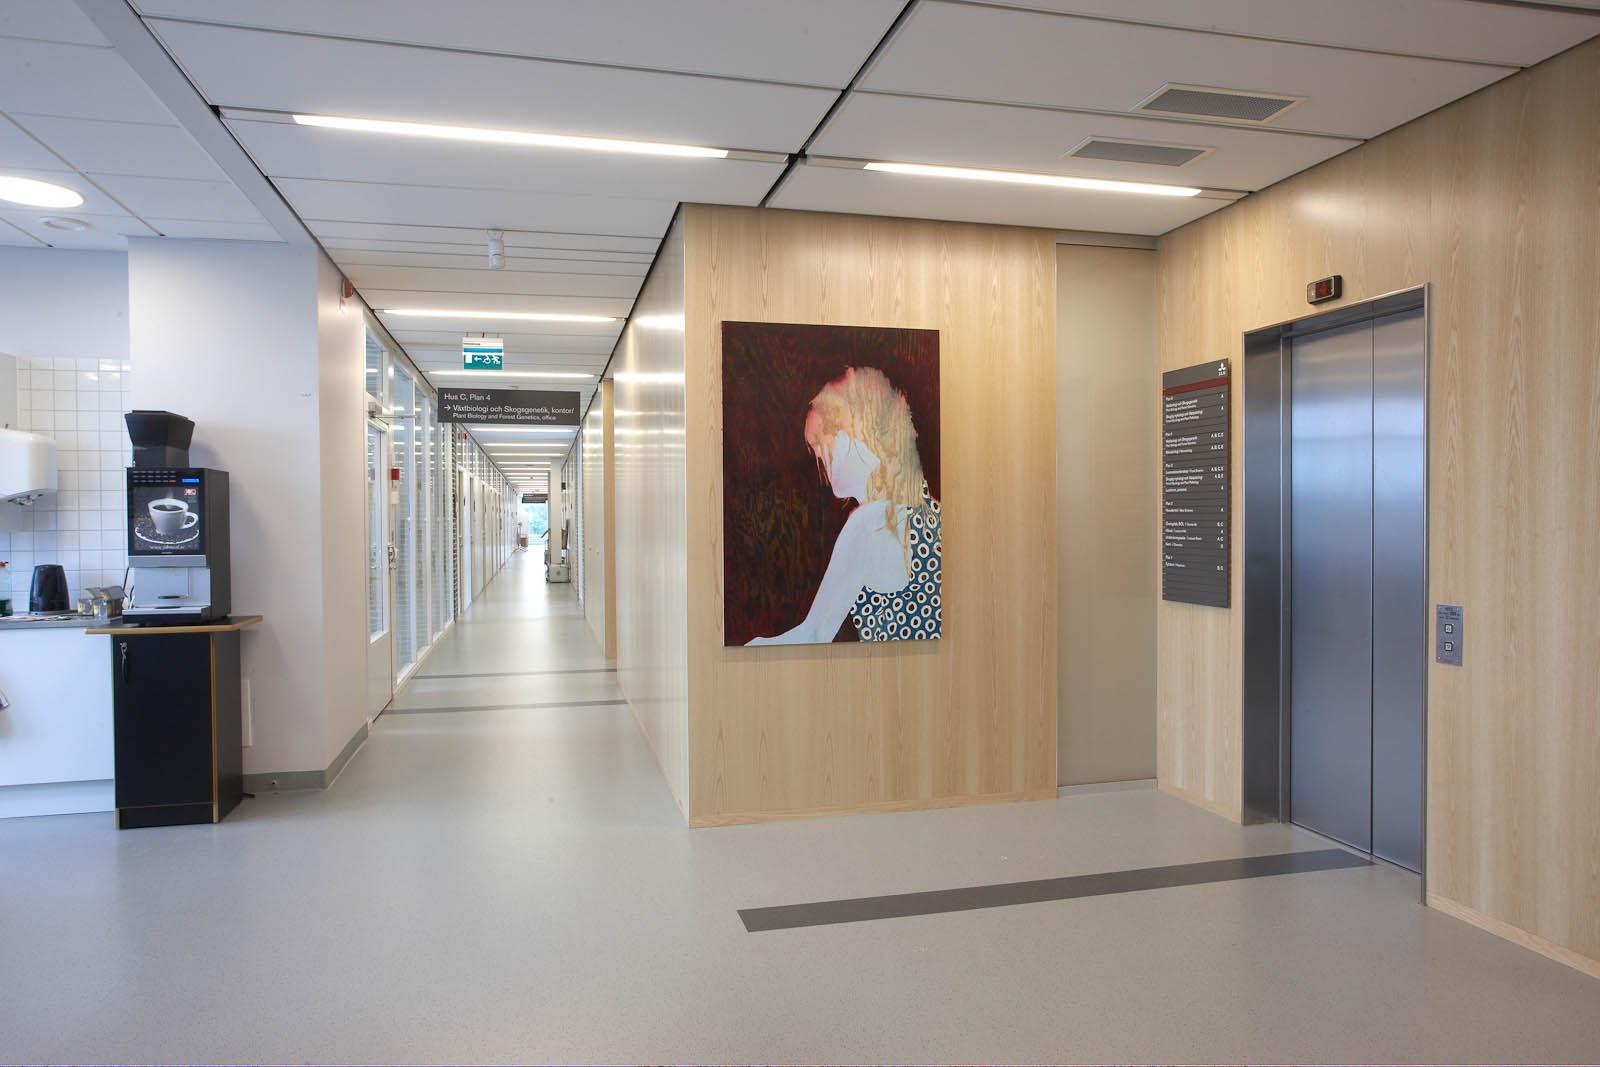 Tavla på trävägg bredvid en hiss, av en bortvänd kvinna med ljust hår och prickig klänning. Robert Lucander, 13 målningar